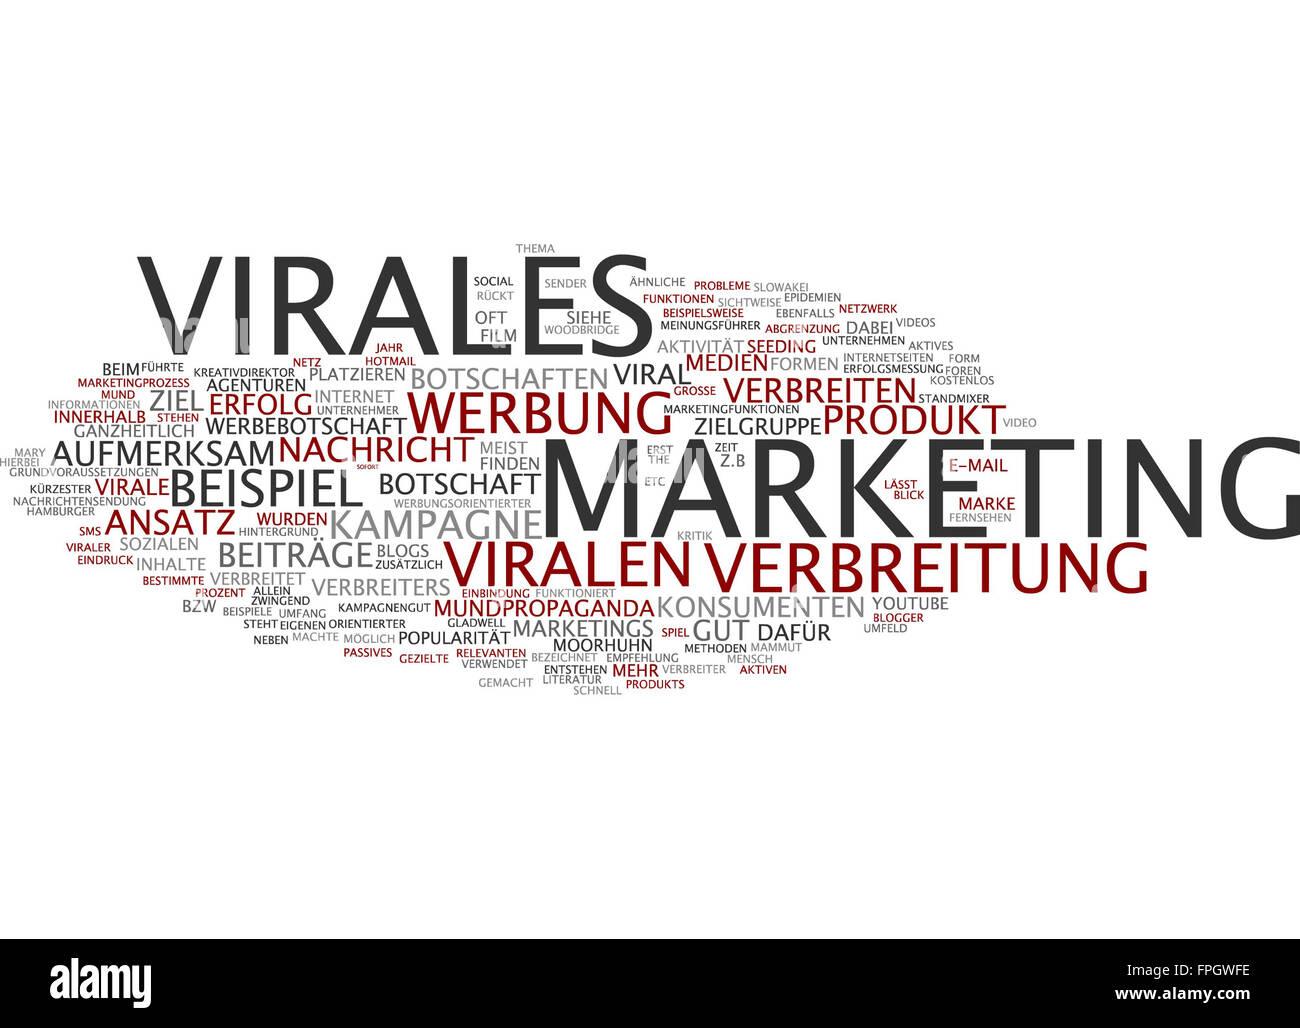 Virales Marketing Virales Viral Marketing Werbung - Stock Image